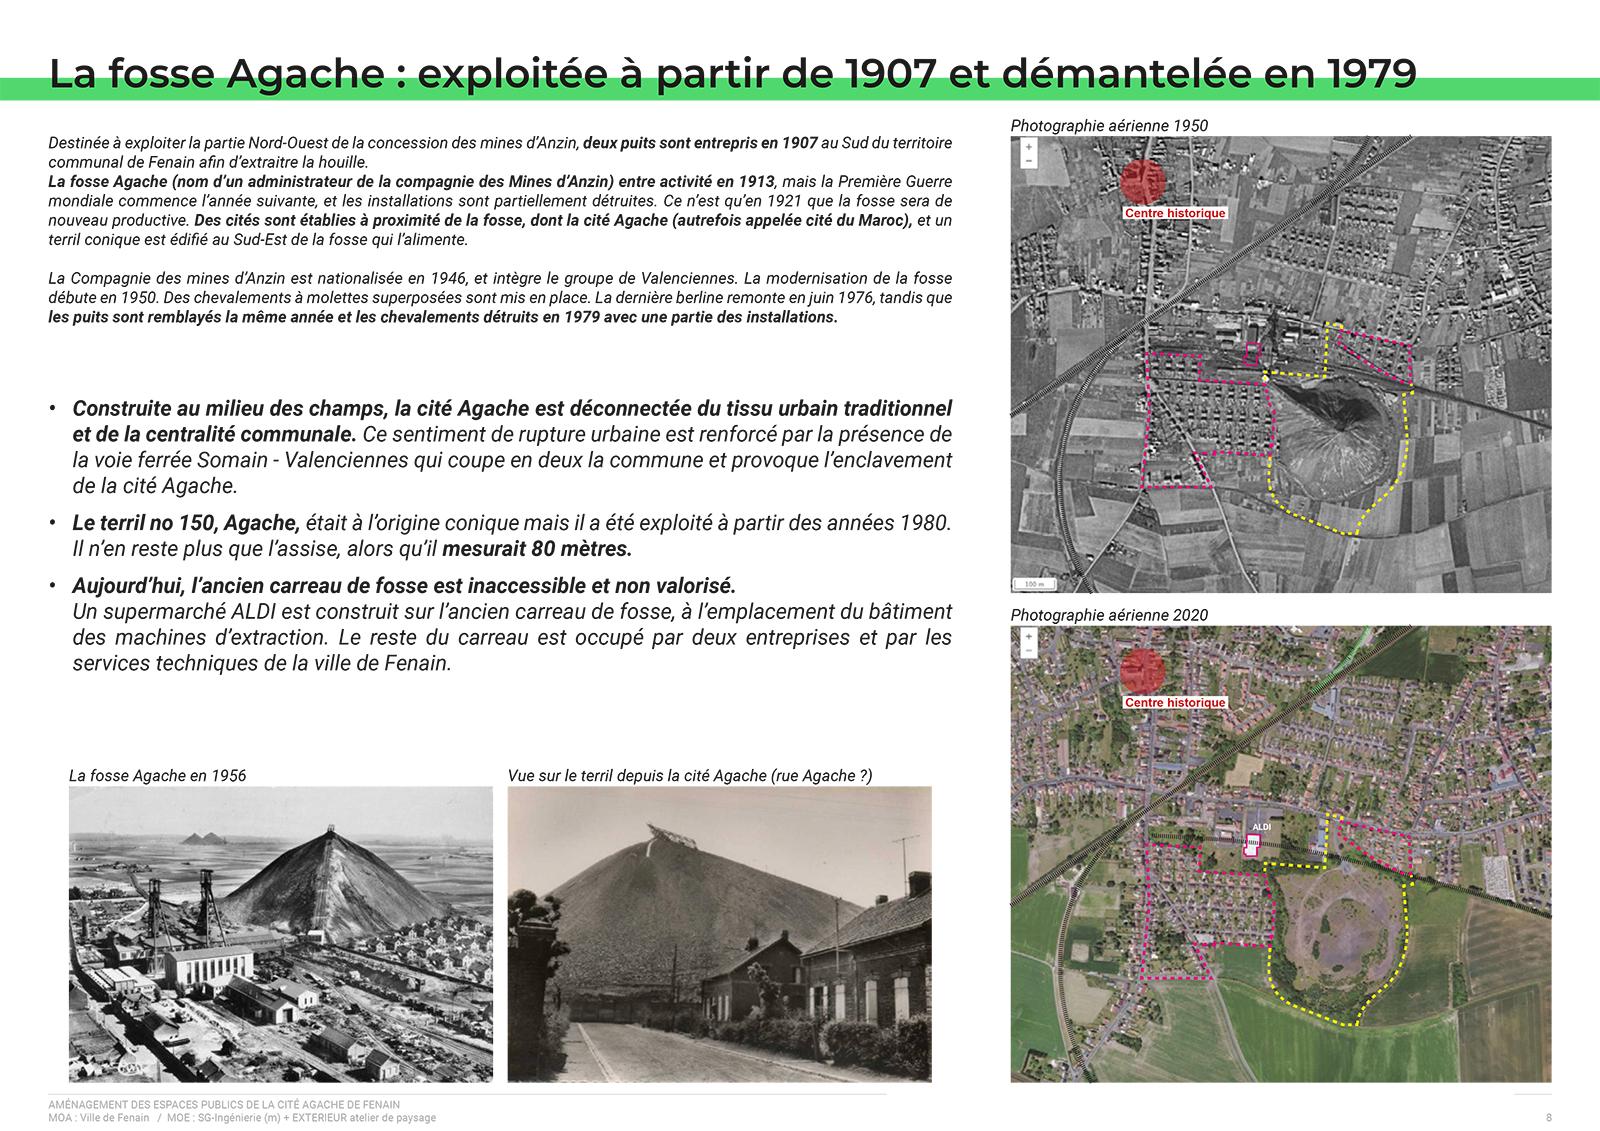 Extrait du dossier de présentation de l'avant projet (AVP) - Histoire de la Cité Agache